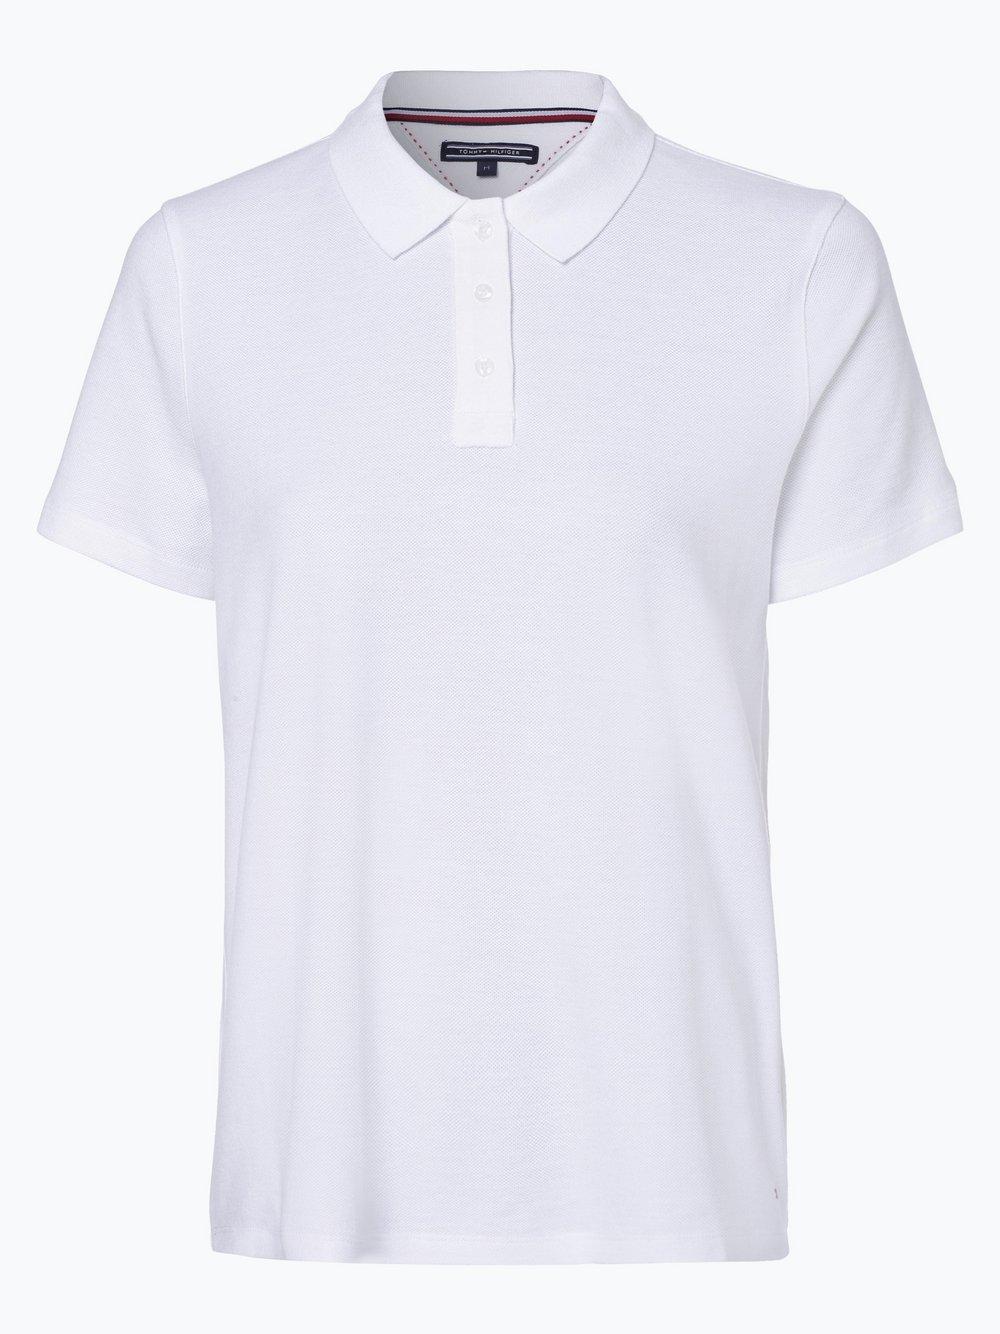 super popular 101b6 ae616 Tommy Hilfiger Damen Poloshirt - Fiora online kaufen   PEEK ...